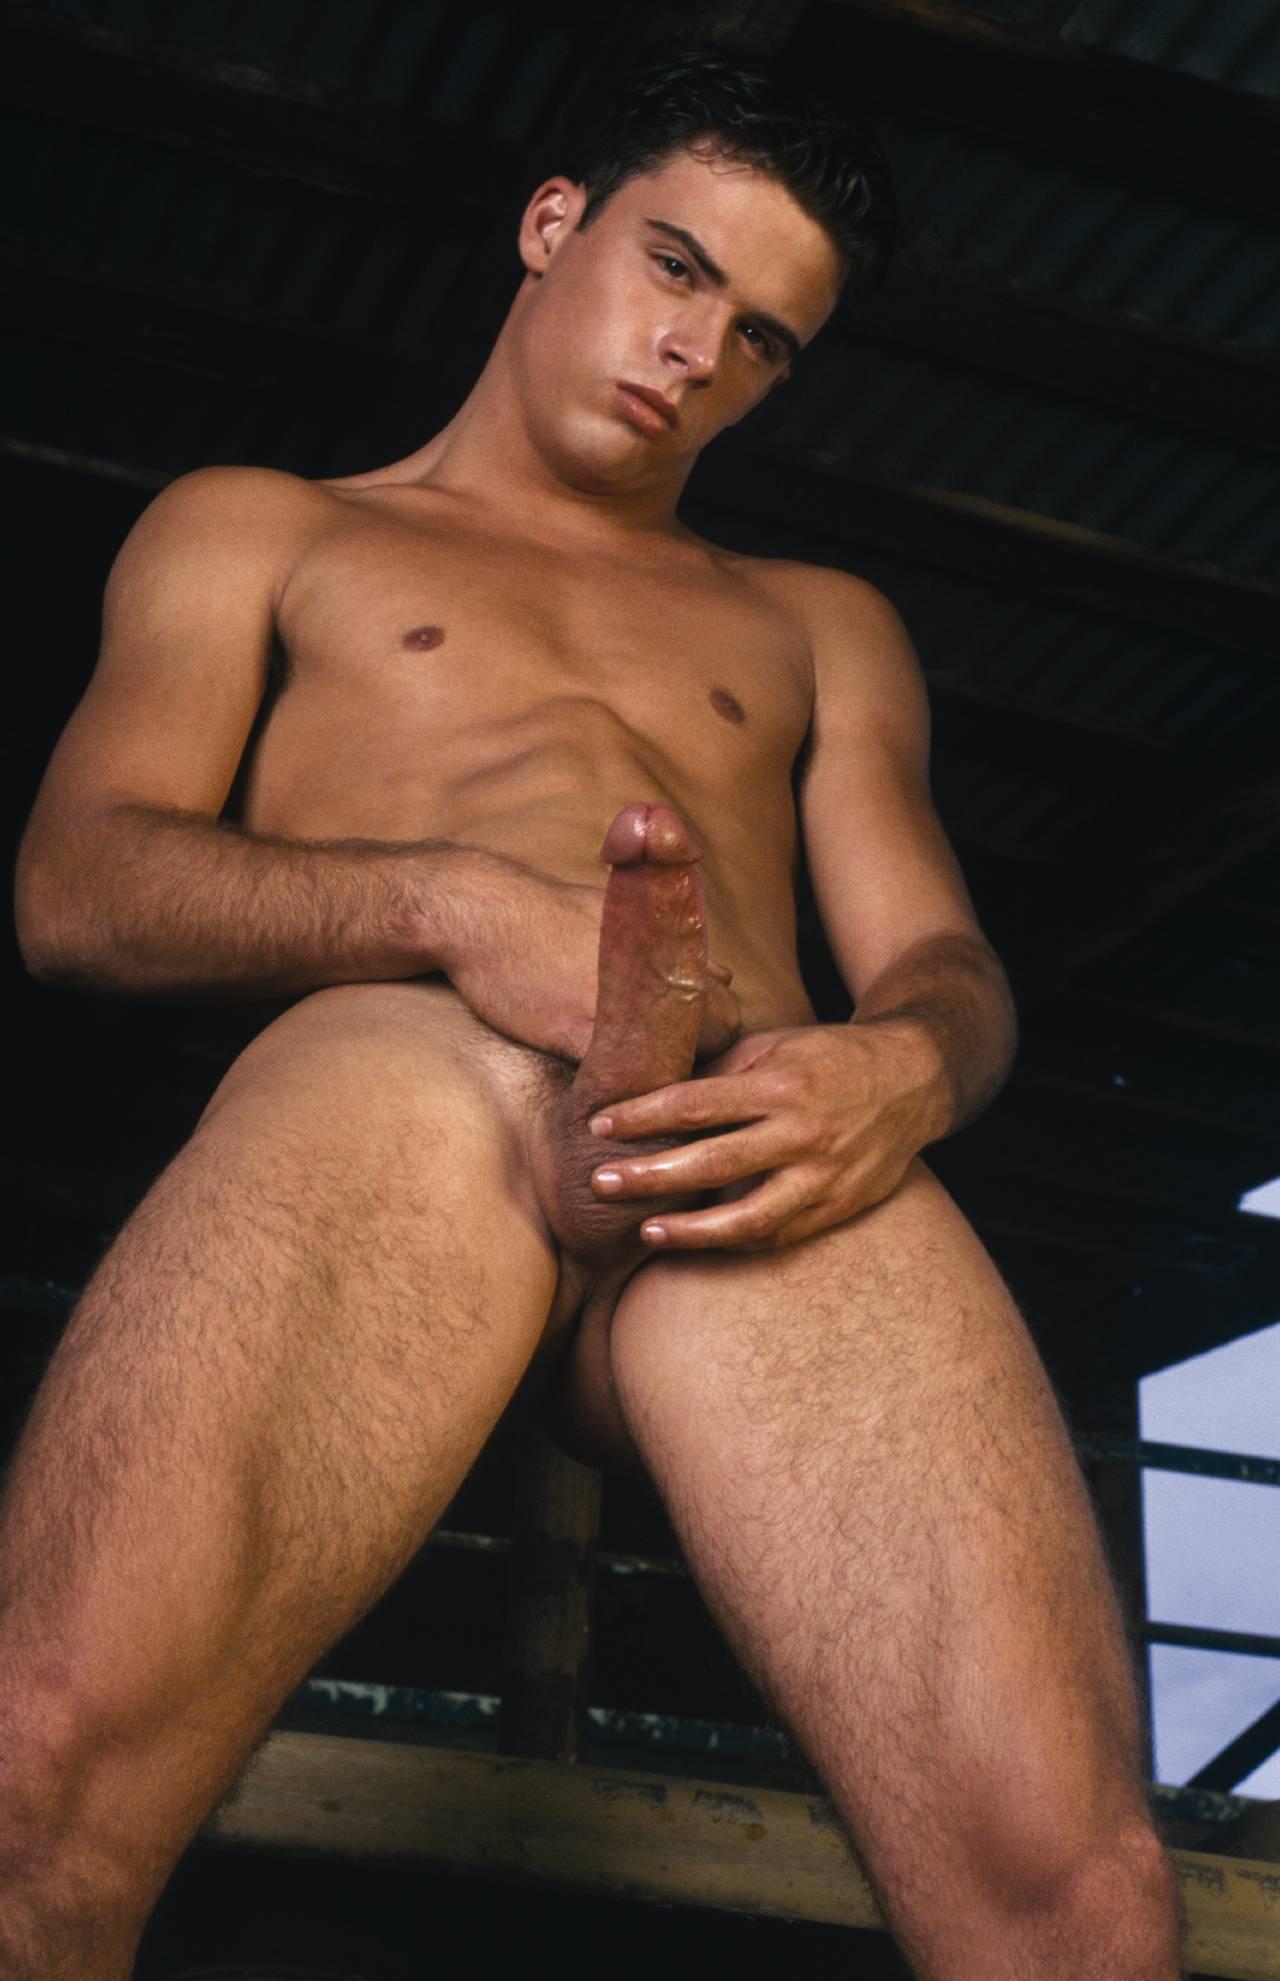 Jeremy penn porn star